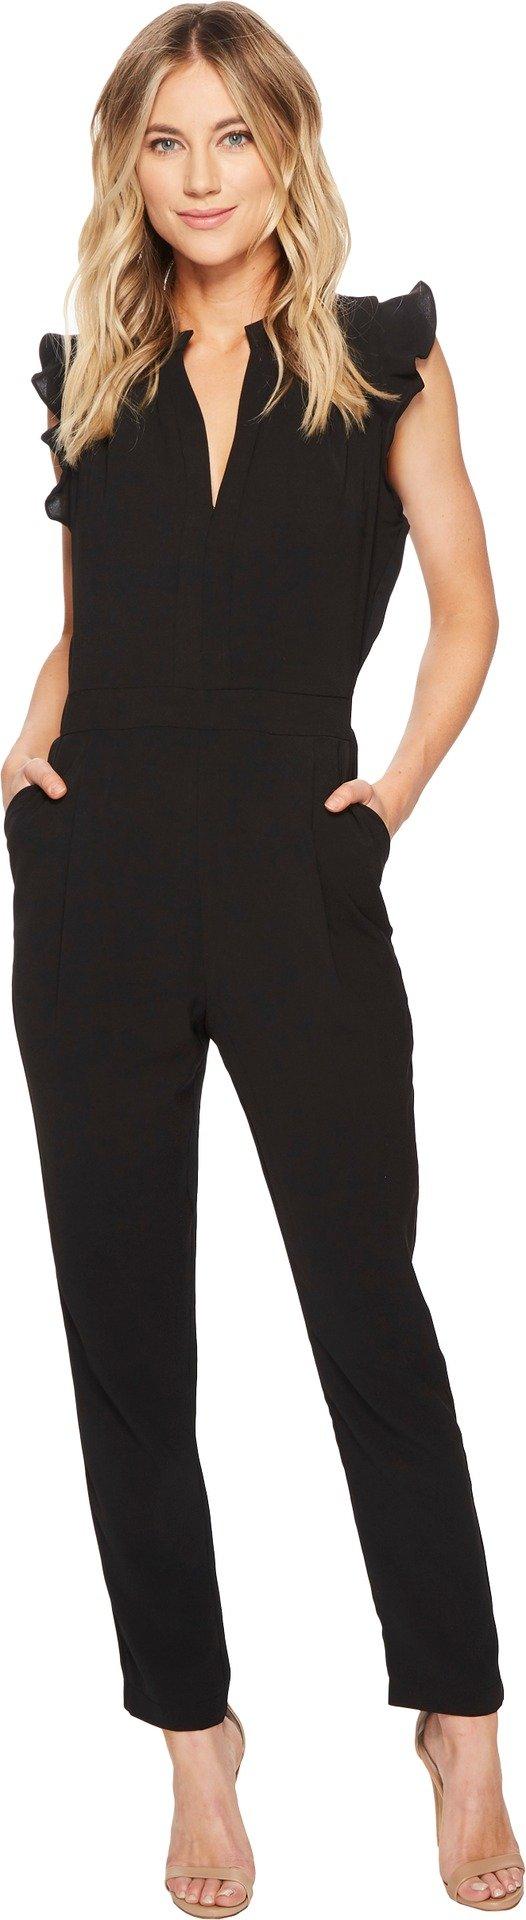 Adelyn Rae Women's Sadie Jumpsuit Black Small by Adelyn Rae